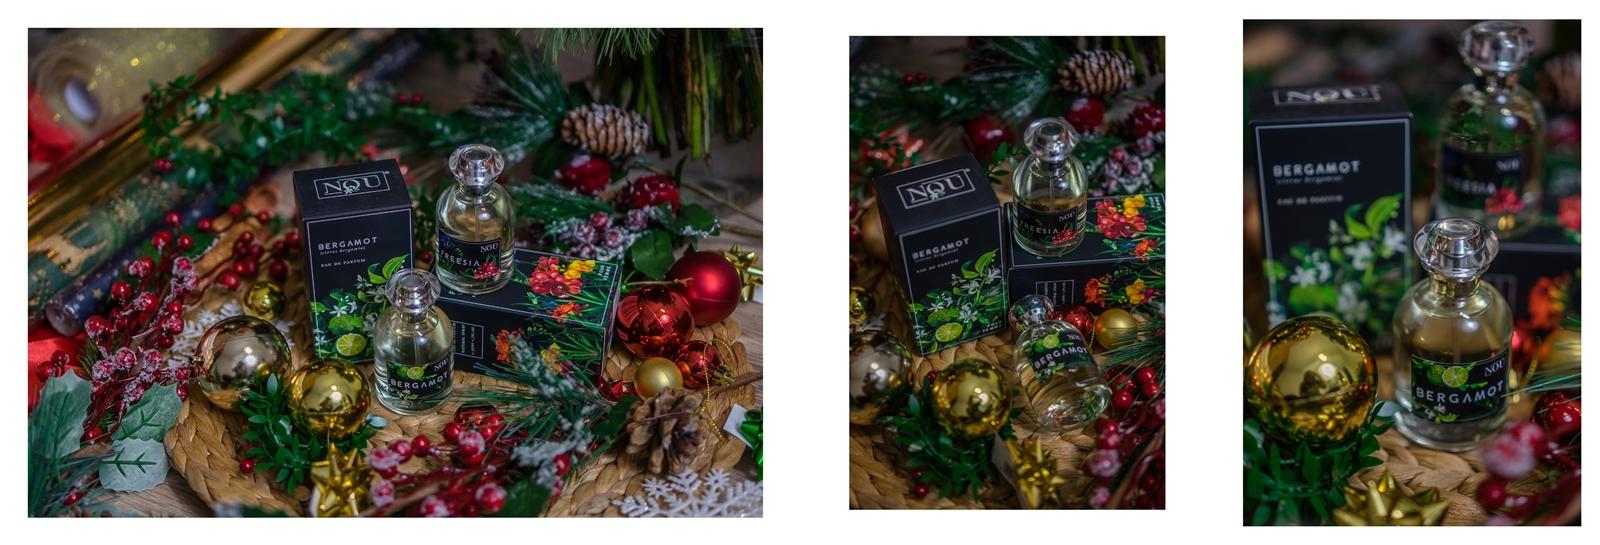 10 Czy prezenty daje się z metką, biżuteria personalizowana, prezent z grawerem z imieniem, jaka bizuteria pod choinke, bożonarodzeniowe prezenty, gwiazdkowe, mikolajkowe pod choinkę przesądy